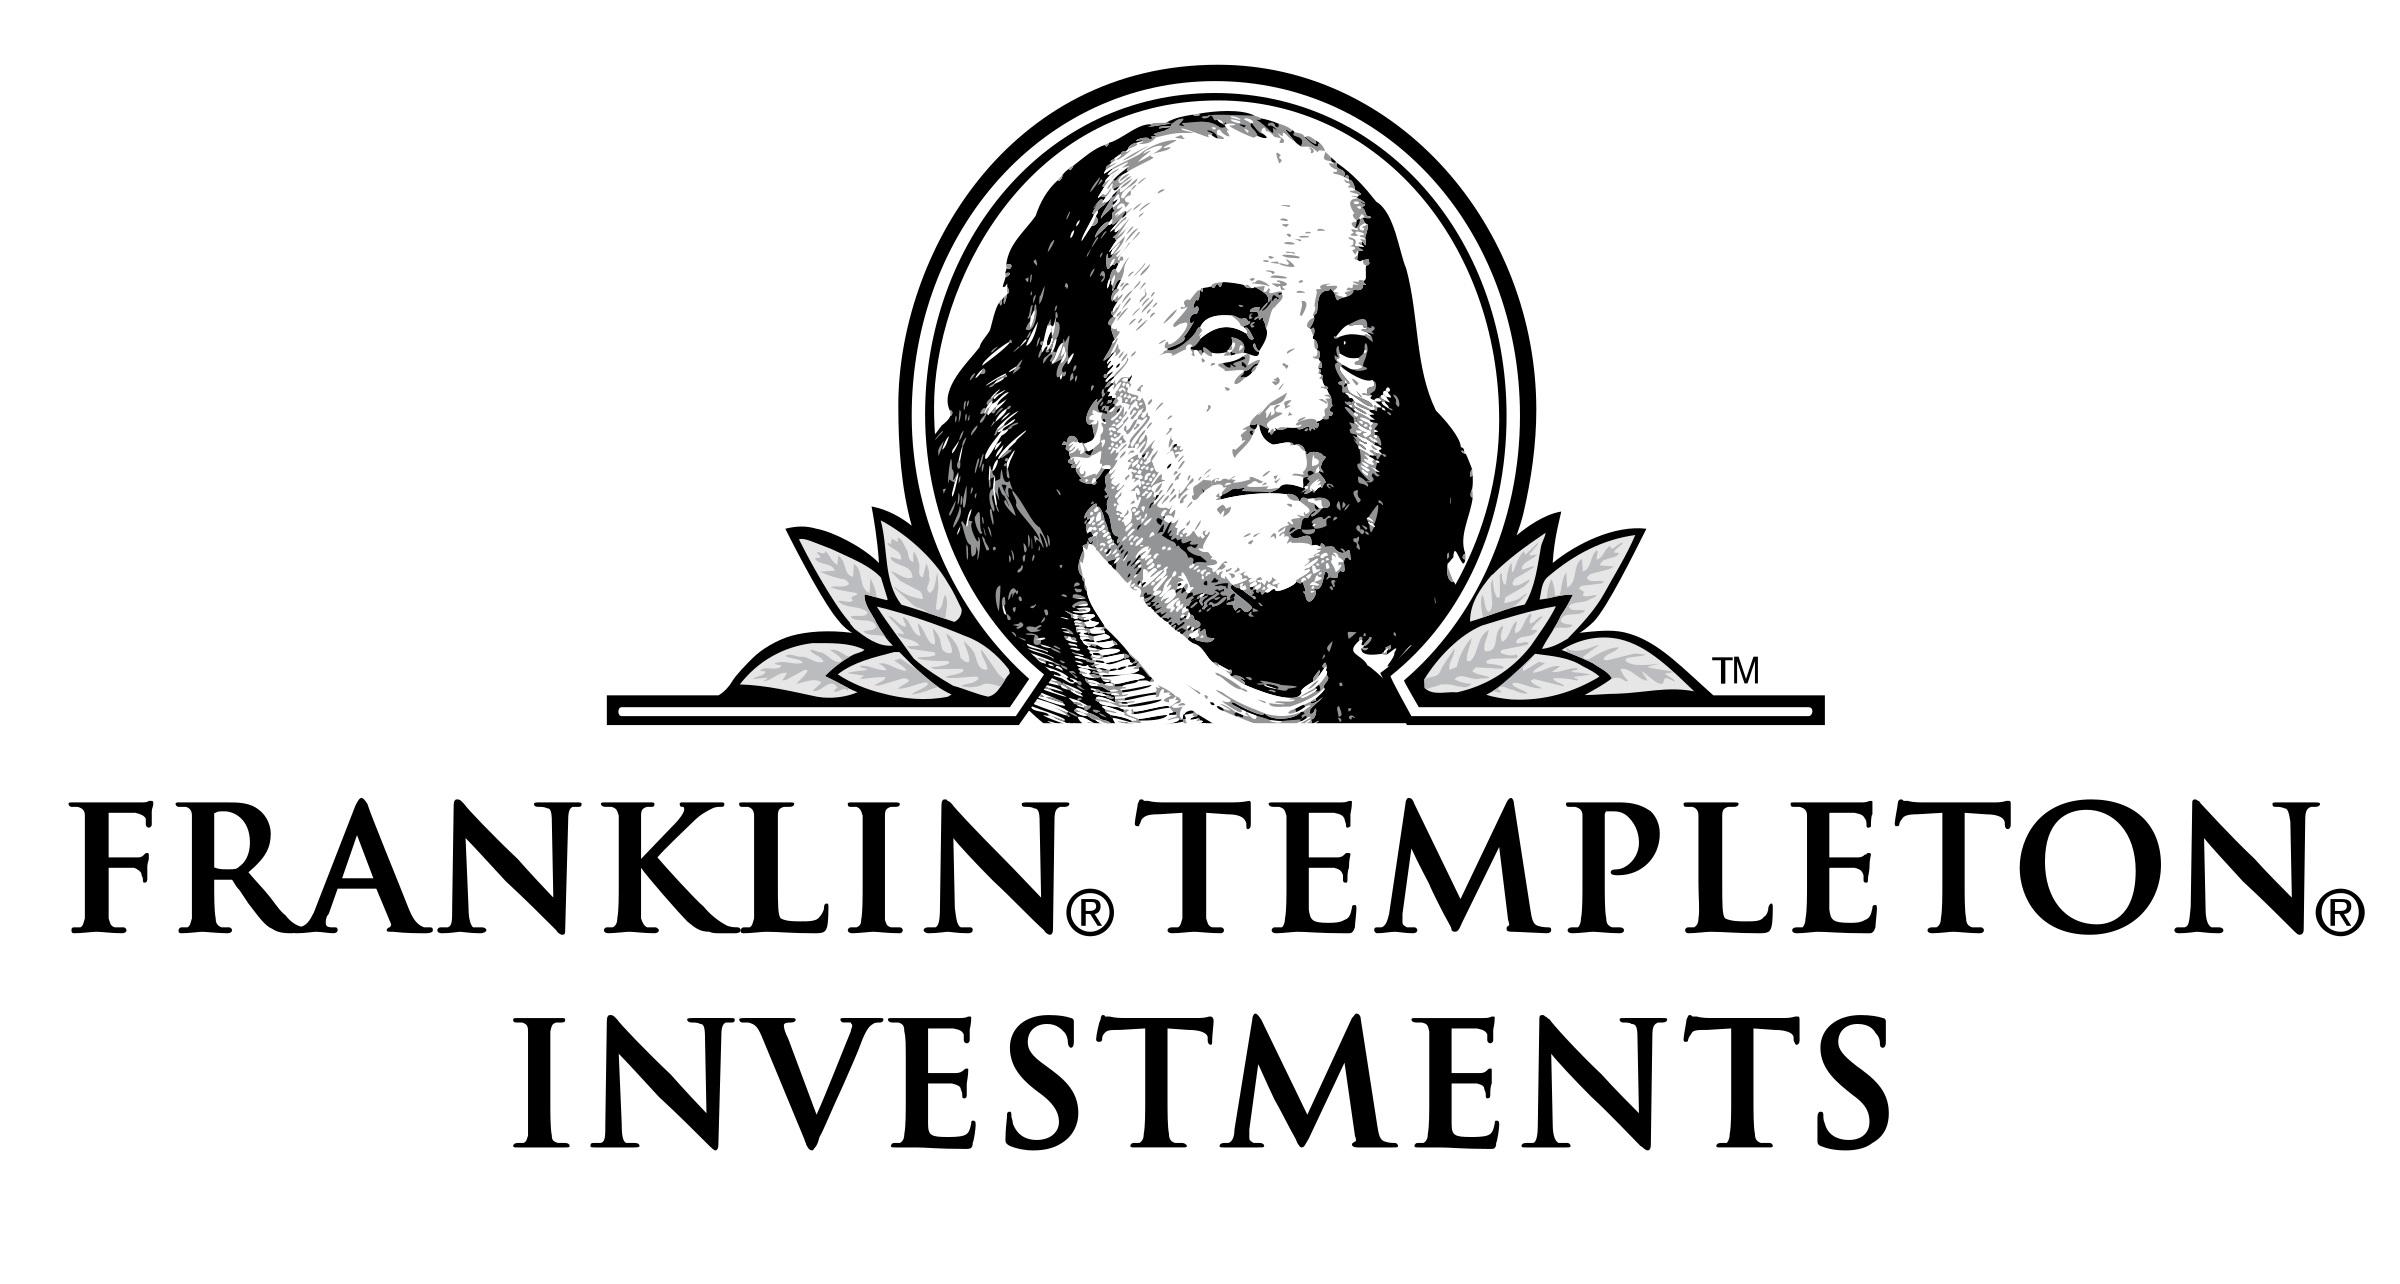 franklin-templeton-investments-logo-png-transparent.jpg